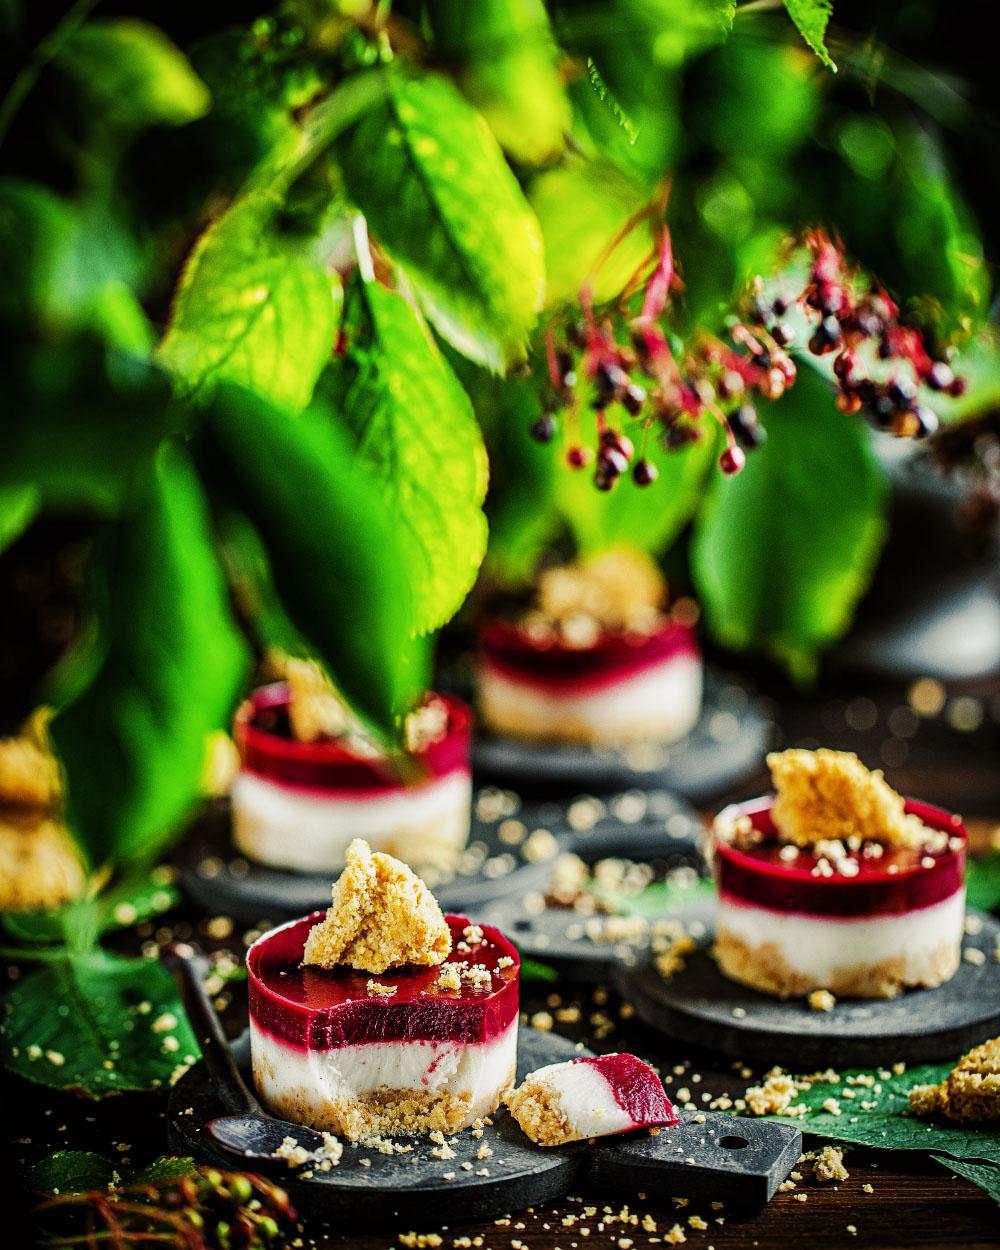 Holunder-Kokos Mini-Cheesecakes No-Bake einfaches rezept maintal #holunderparty